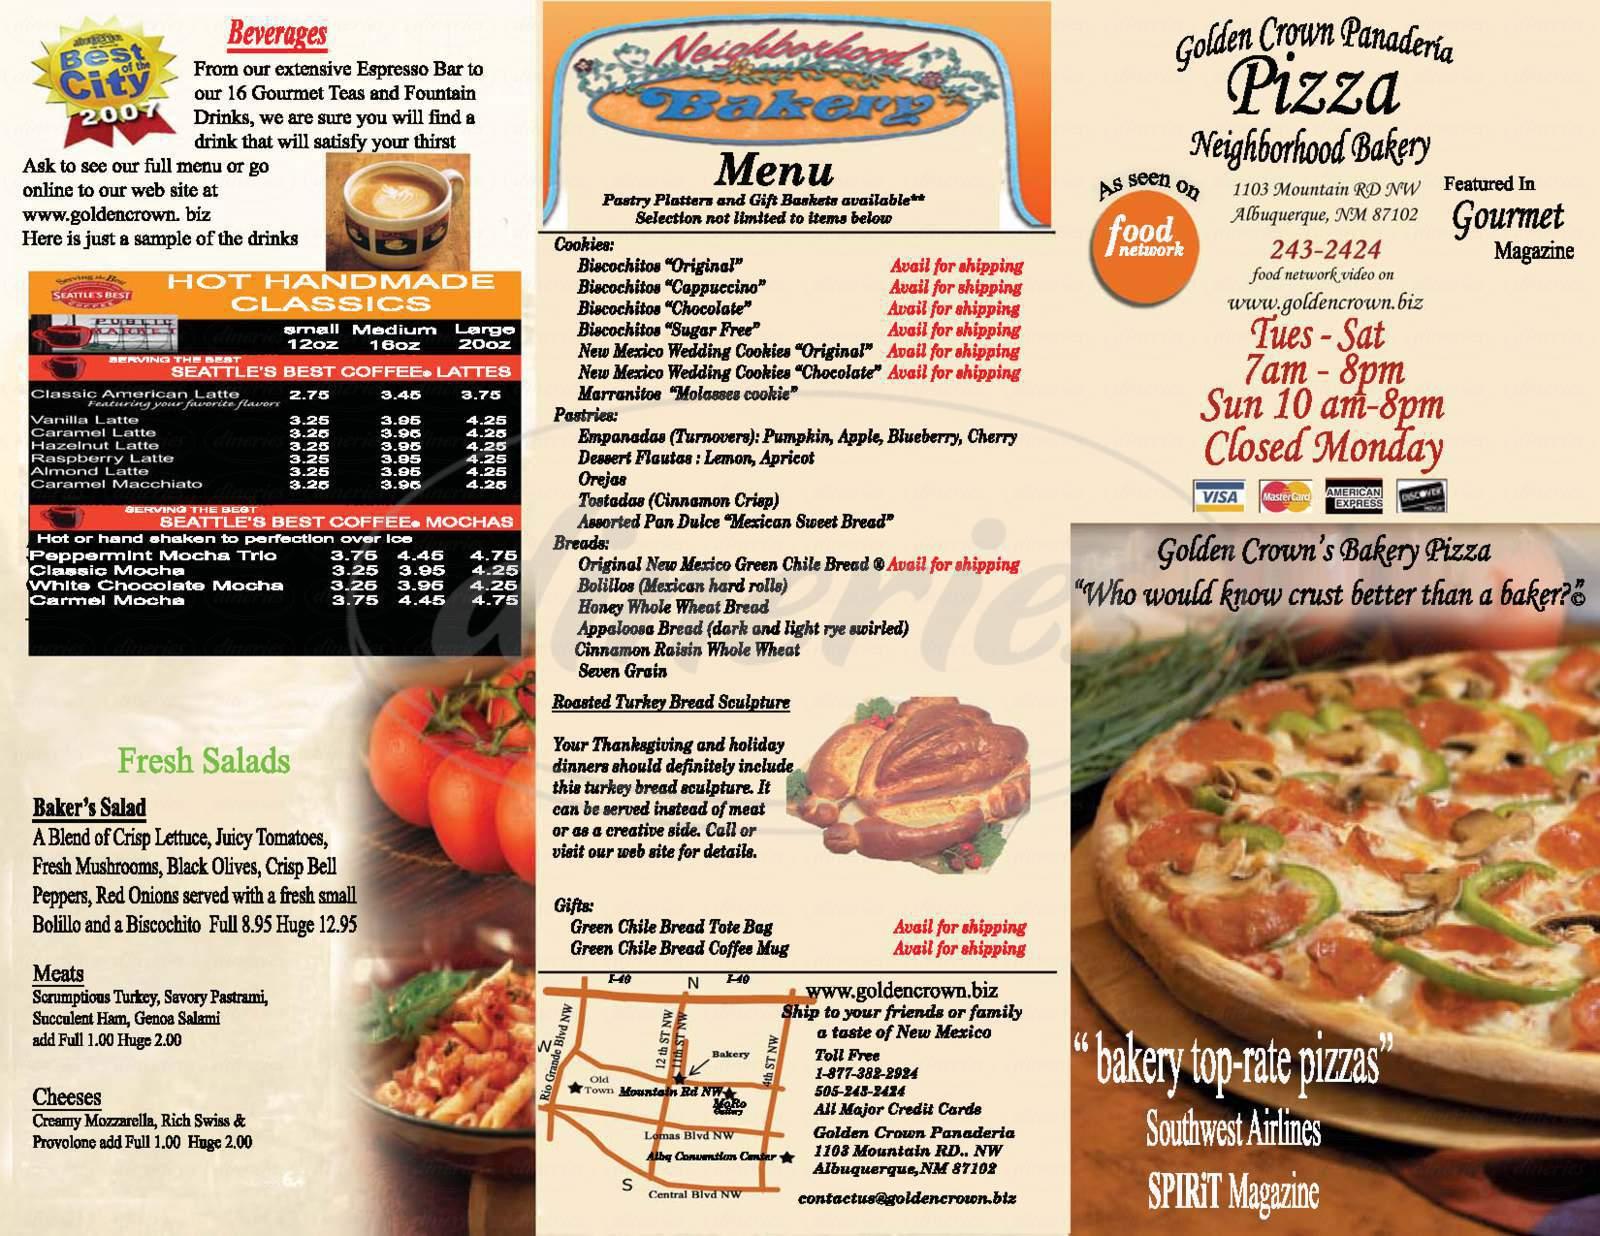 menu for Golden Crown Panaderia